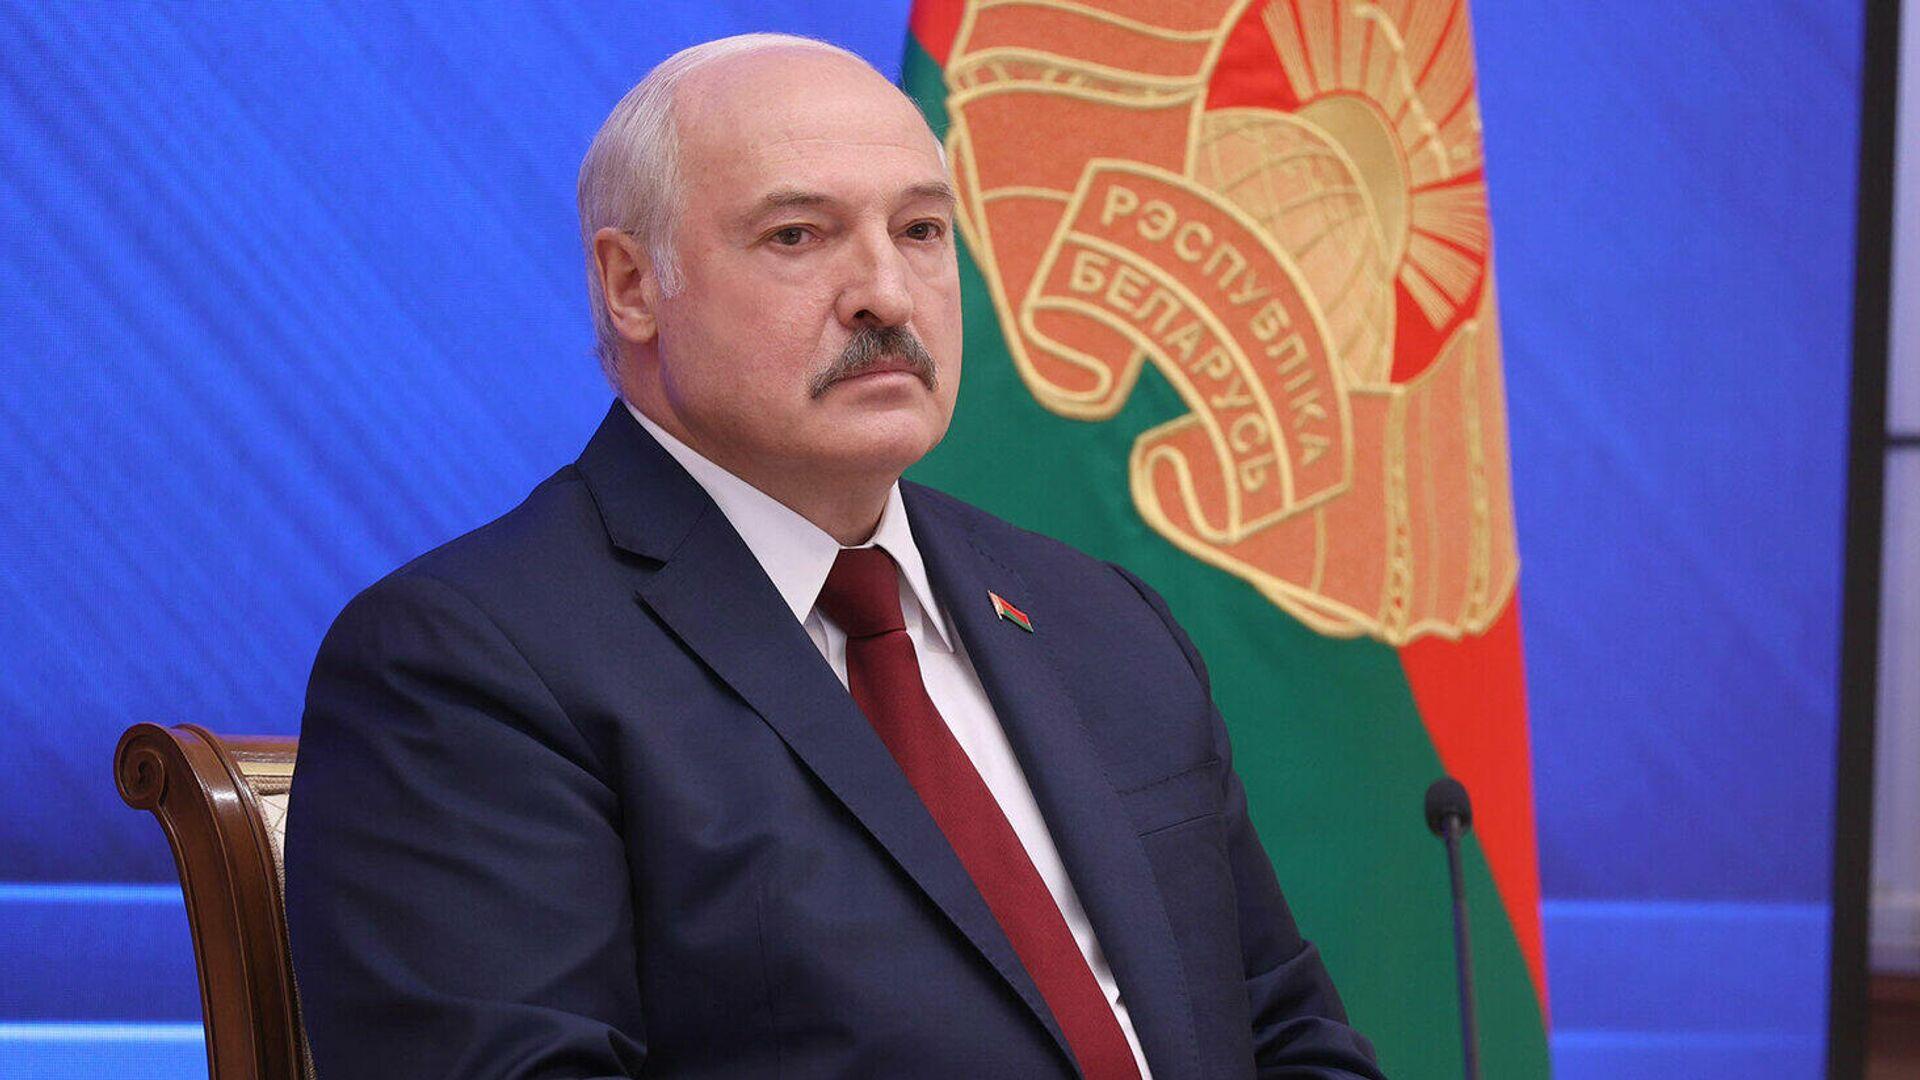 Президент Белоруссии Александр Лукашенко во время встречи Большой разговор с Президентом - РИА Новости, 1920, 02.09.2021